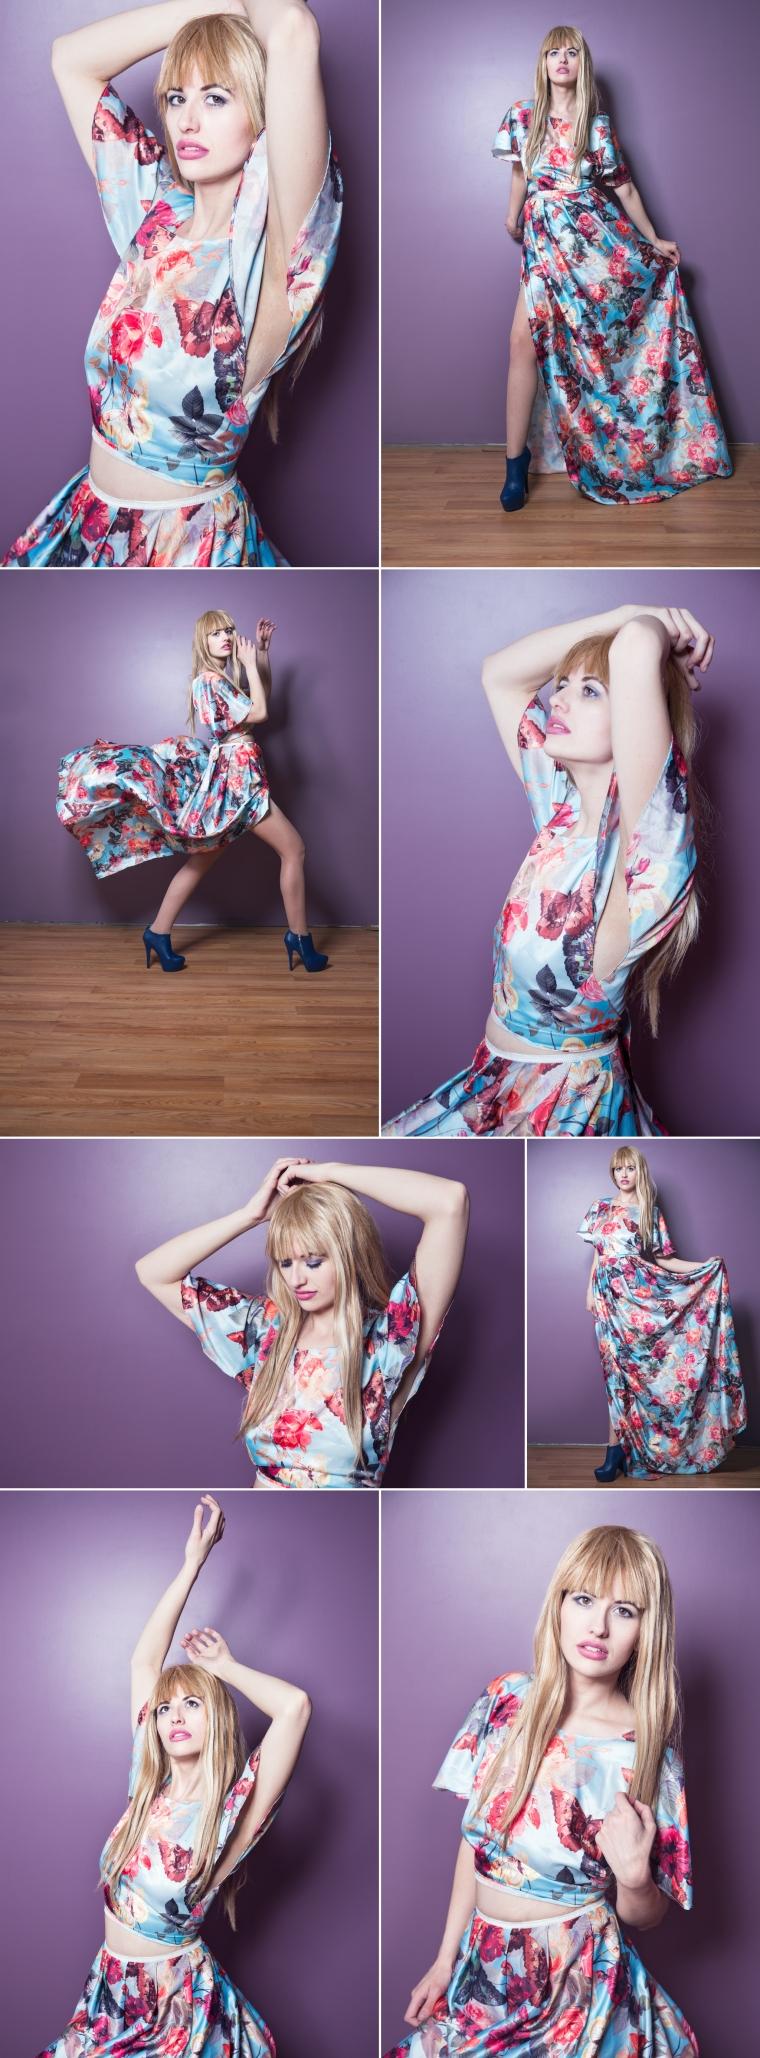 Pastel Fashion Shoot